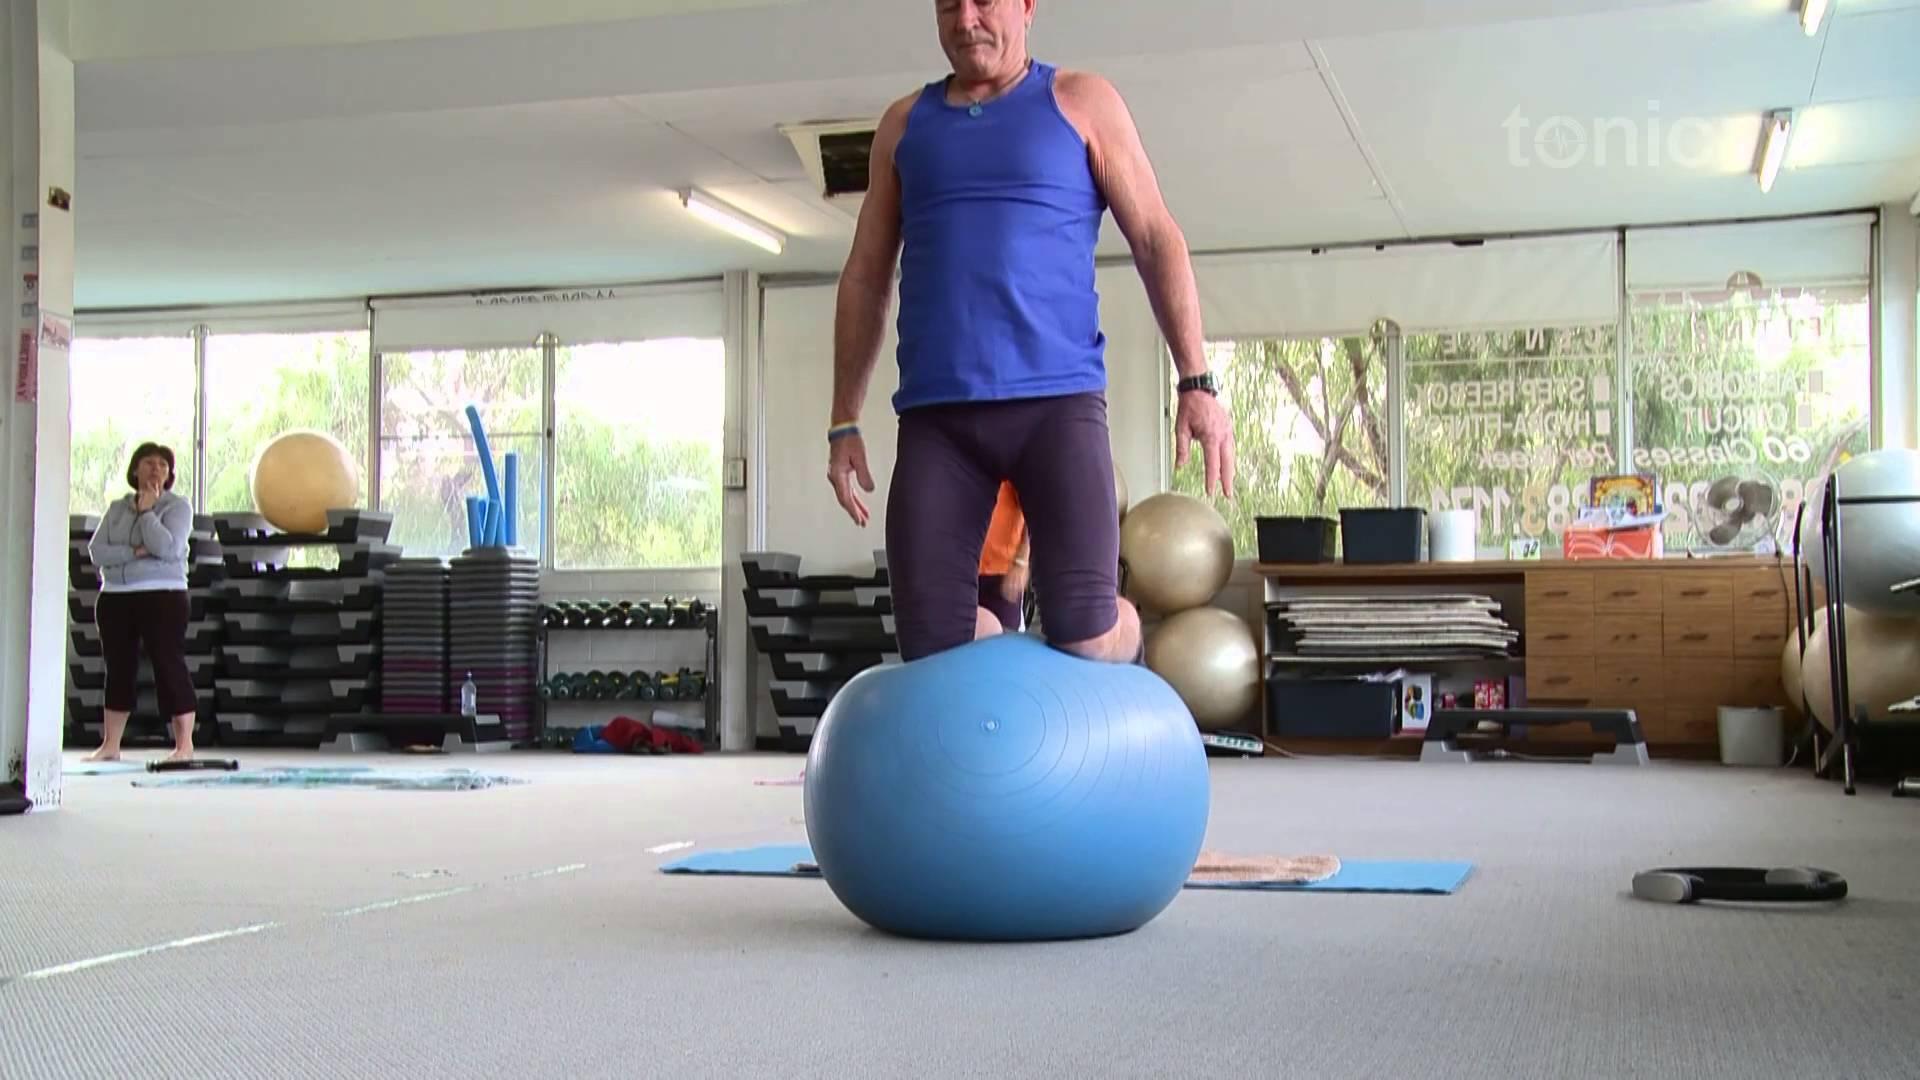 Pelvic Floor Exercise for men